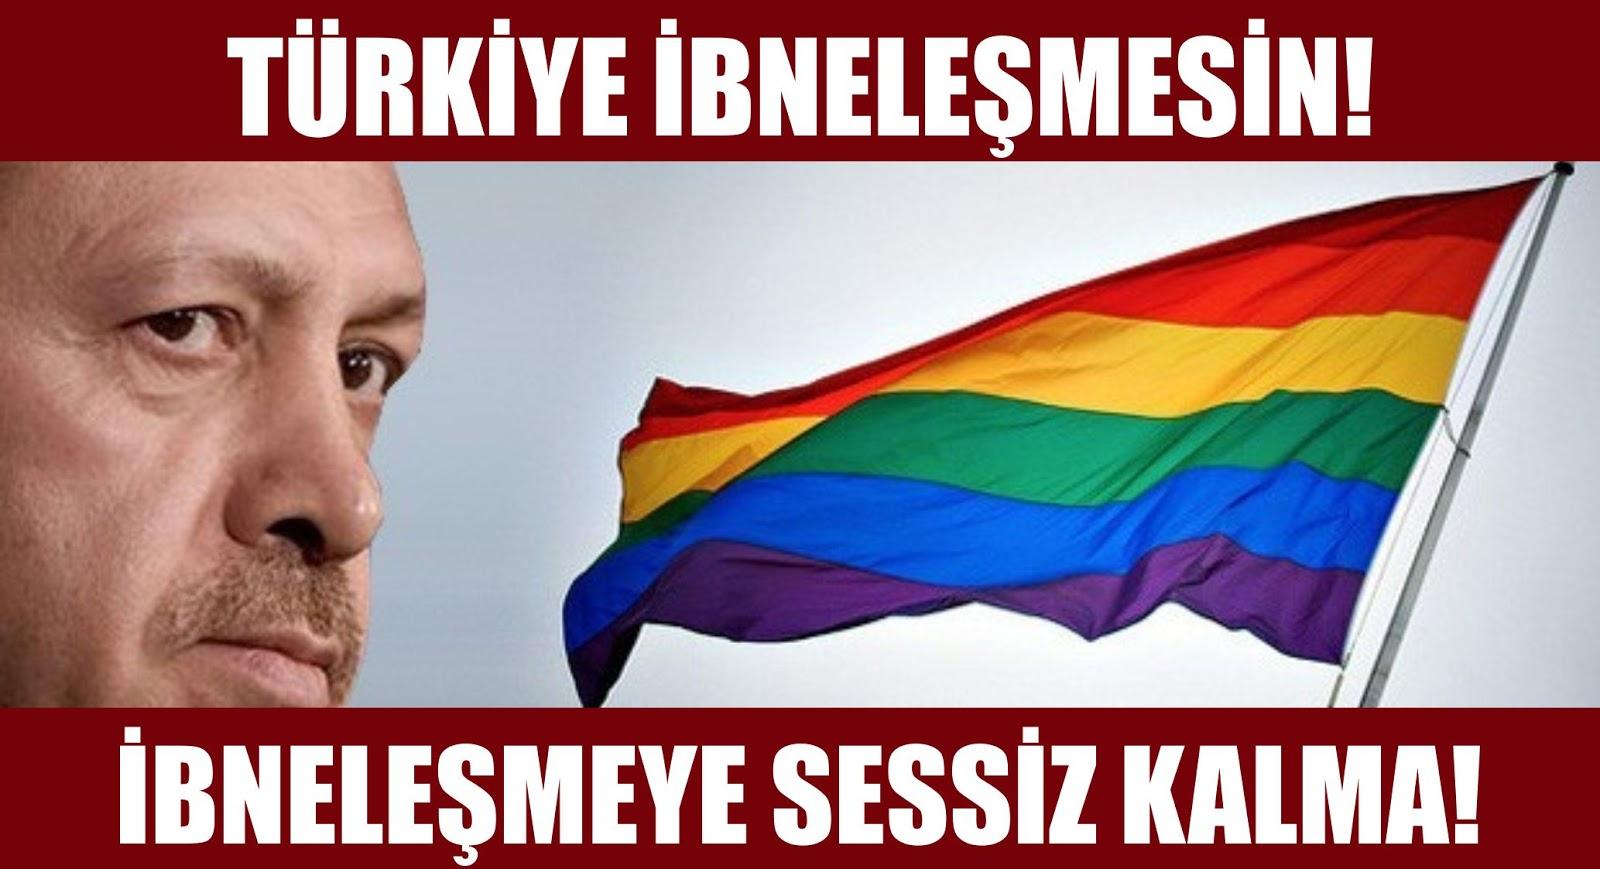 ibnelik, eşcinsellik, livata - eşcinsel ilişki, akp'nin gerçek yüzü, zina, sabetaycılık, Recep Tayyip Erdoğan,